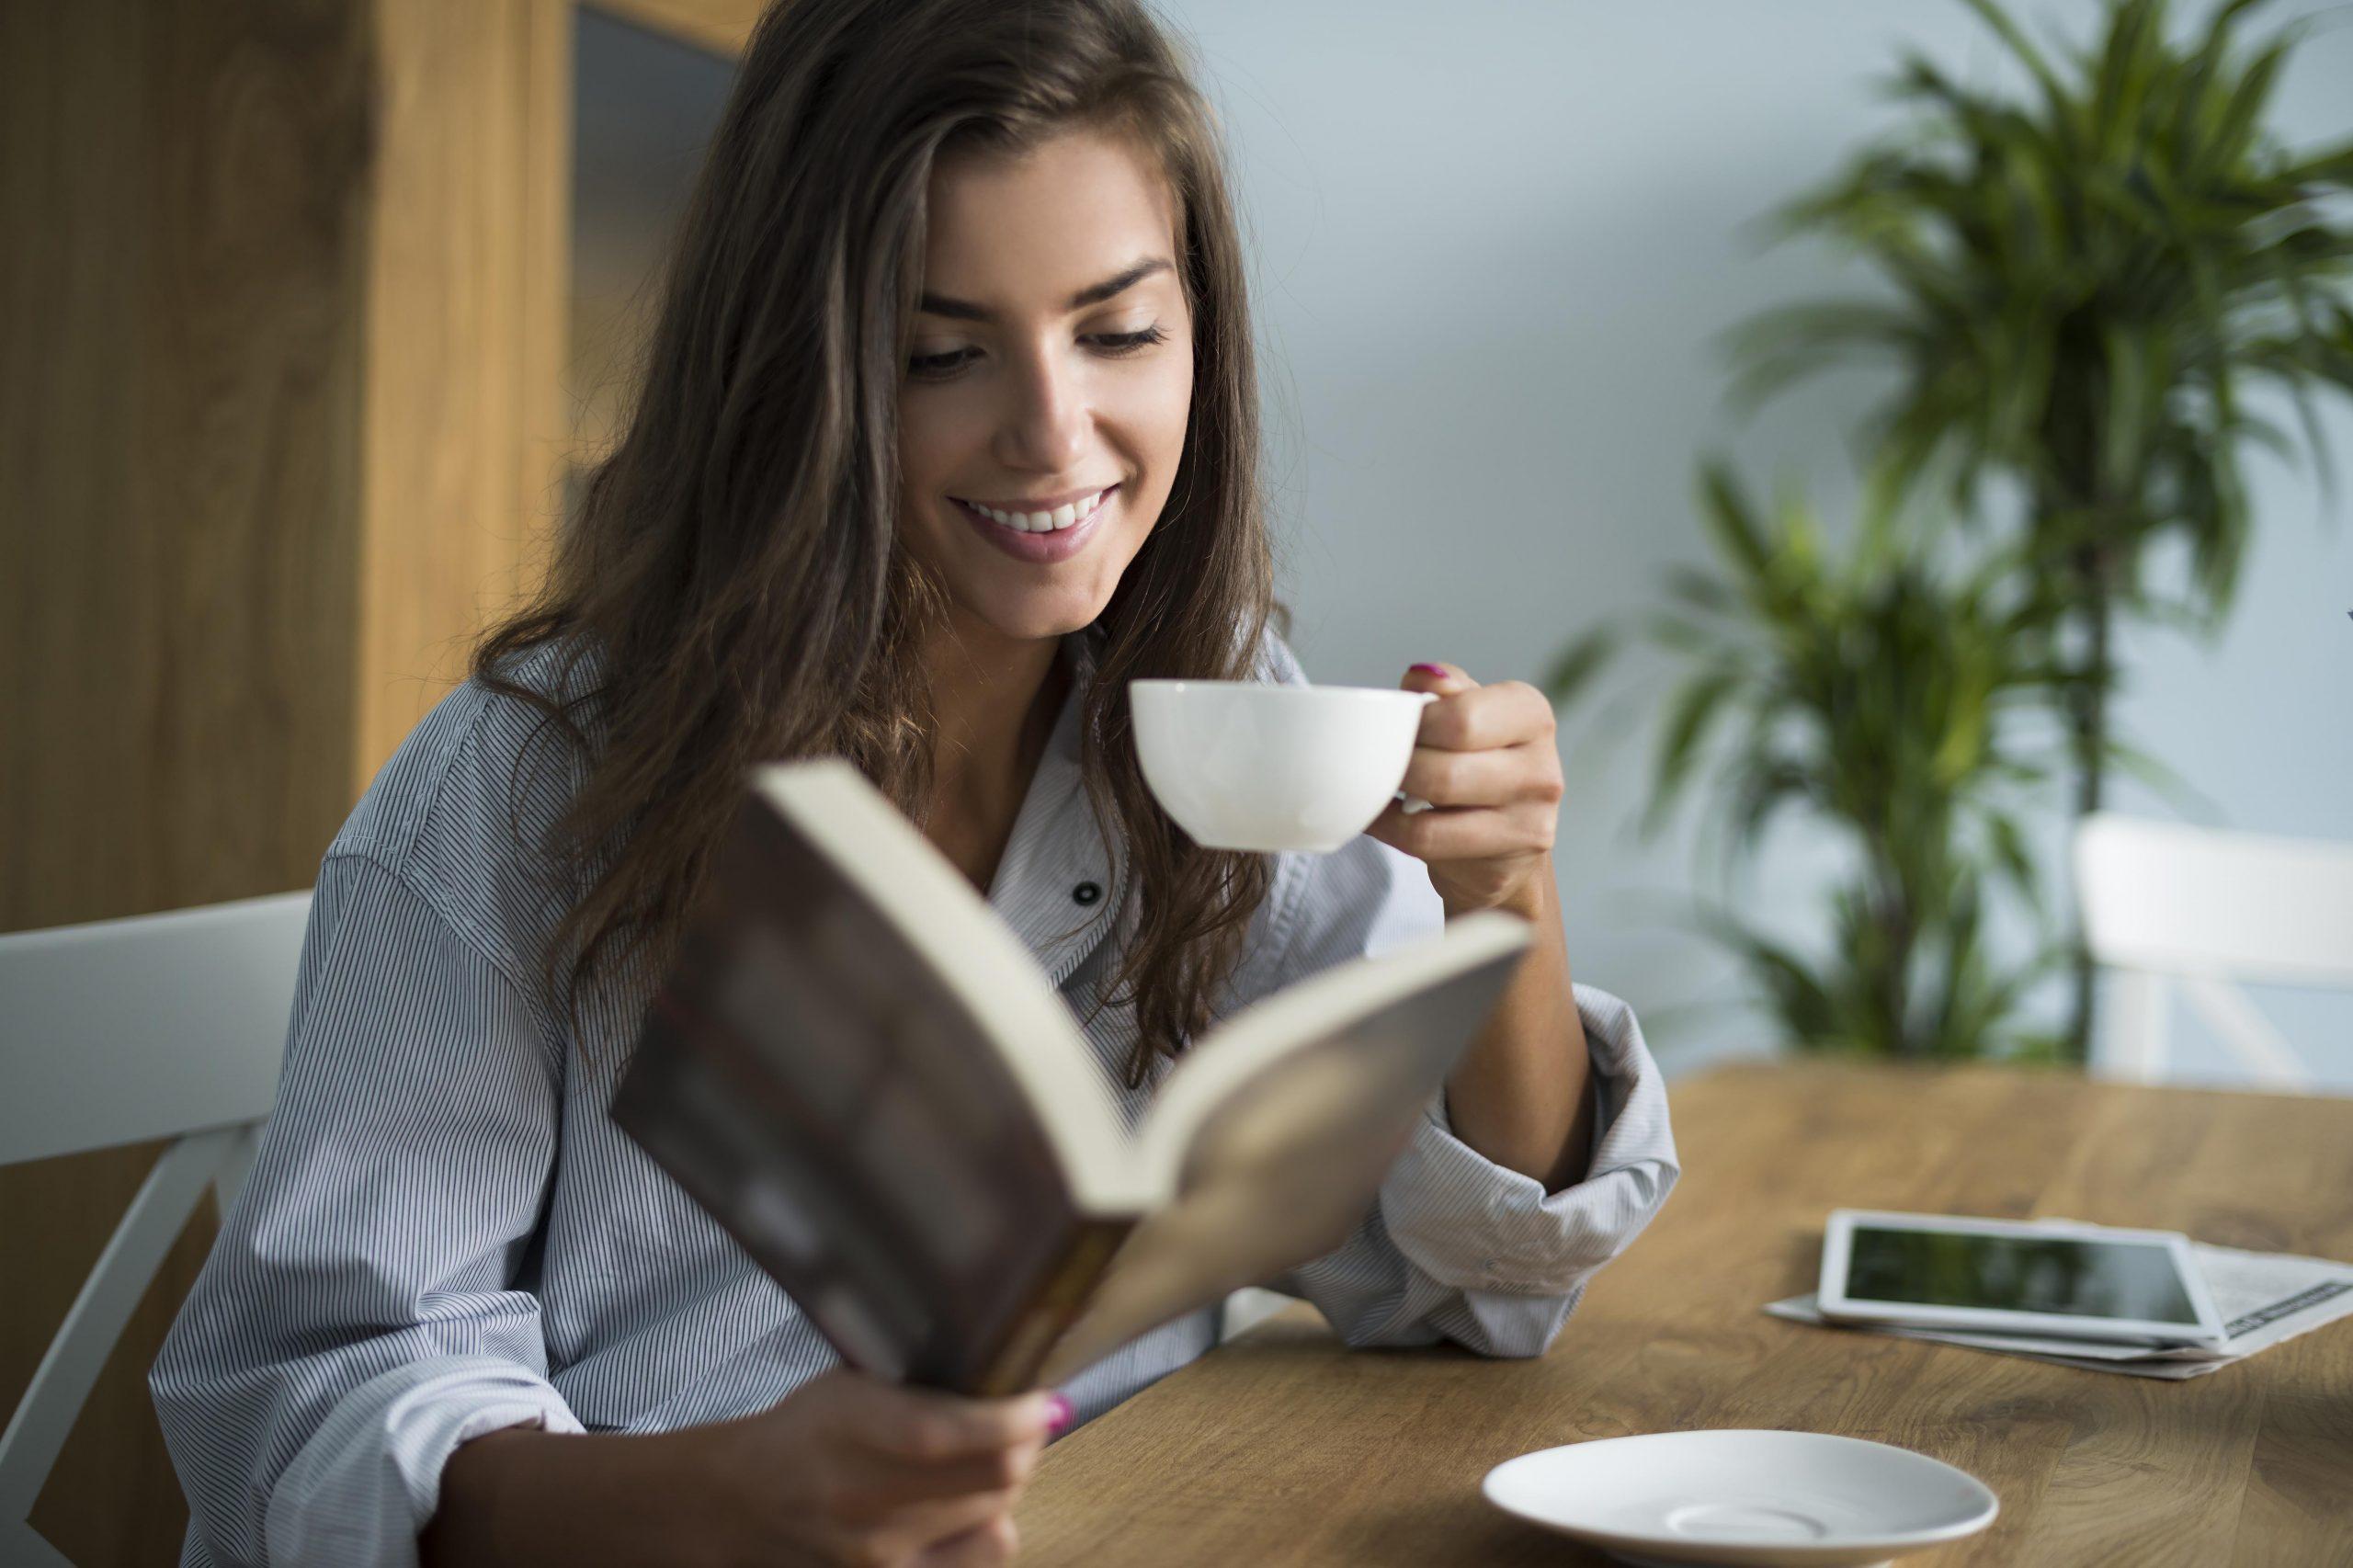 Executivas dão dicas de livros para inspirar mulheres à liderança